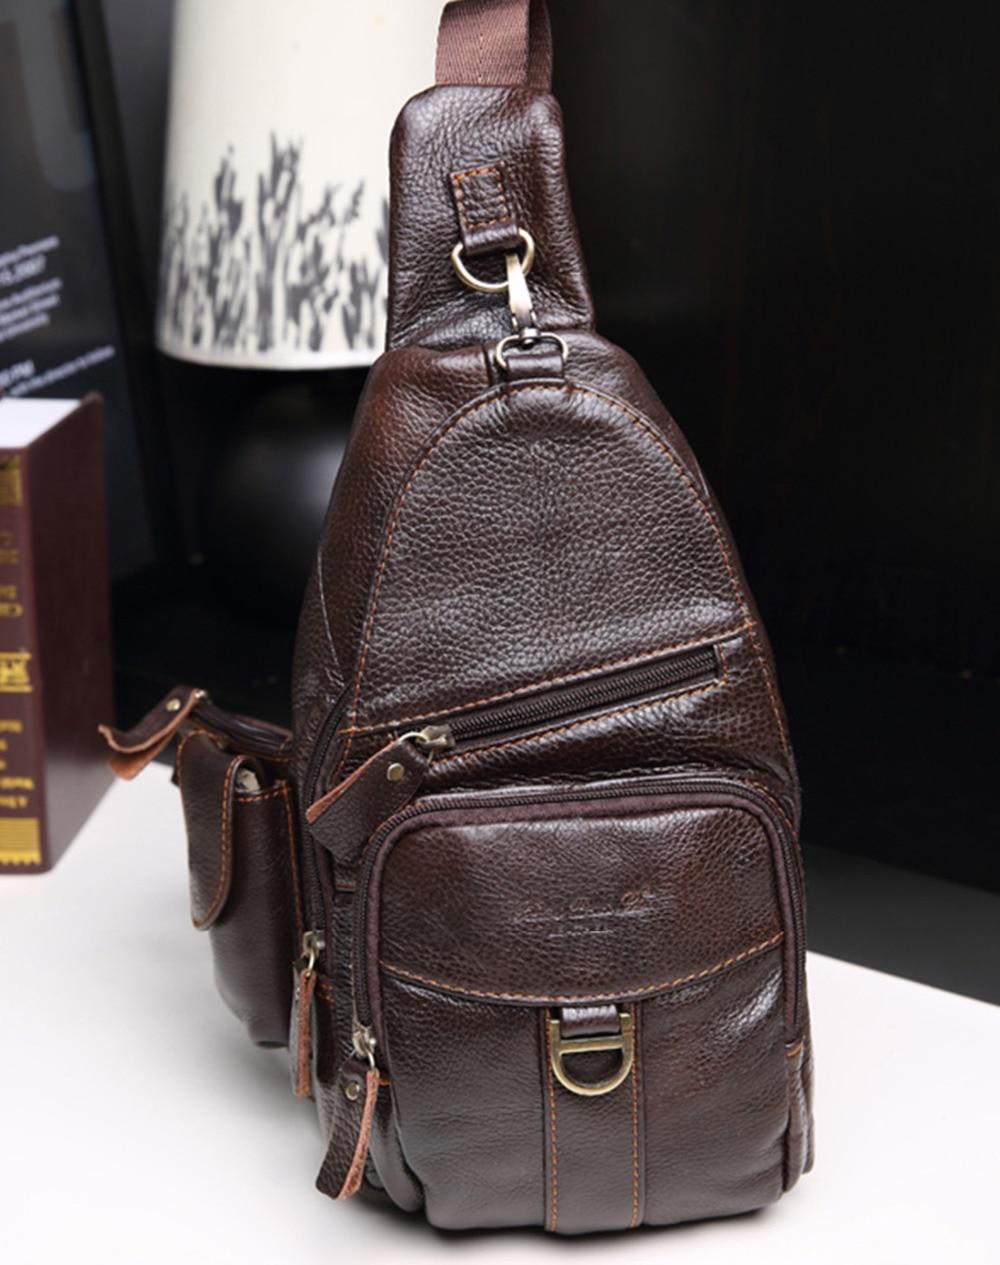 Lëkurë origjinale prej lëkure origjinale për burra Luksoze - Çanta dore - Foto 1